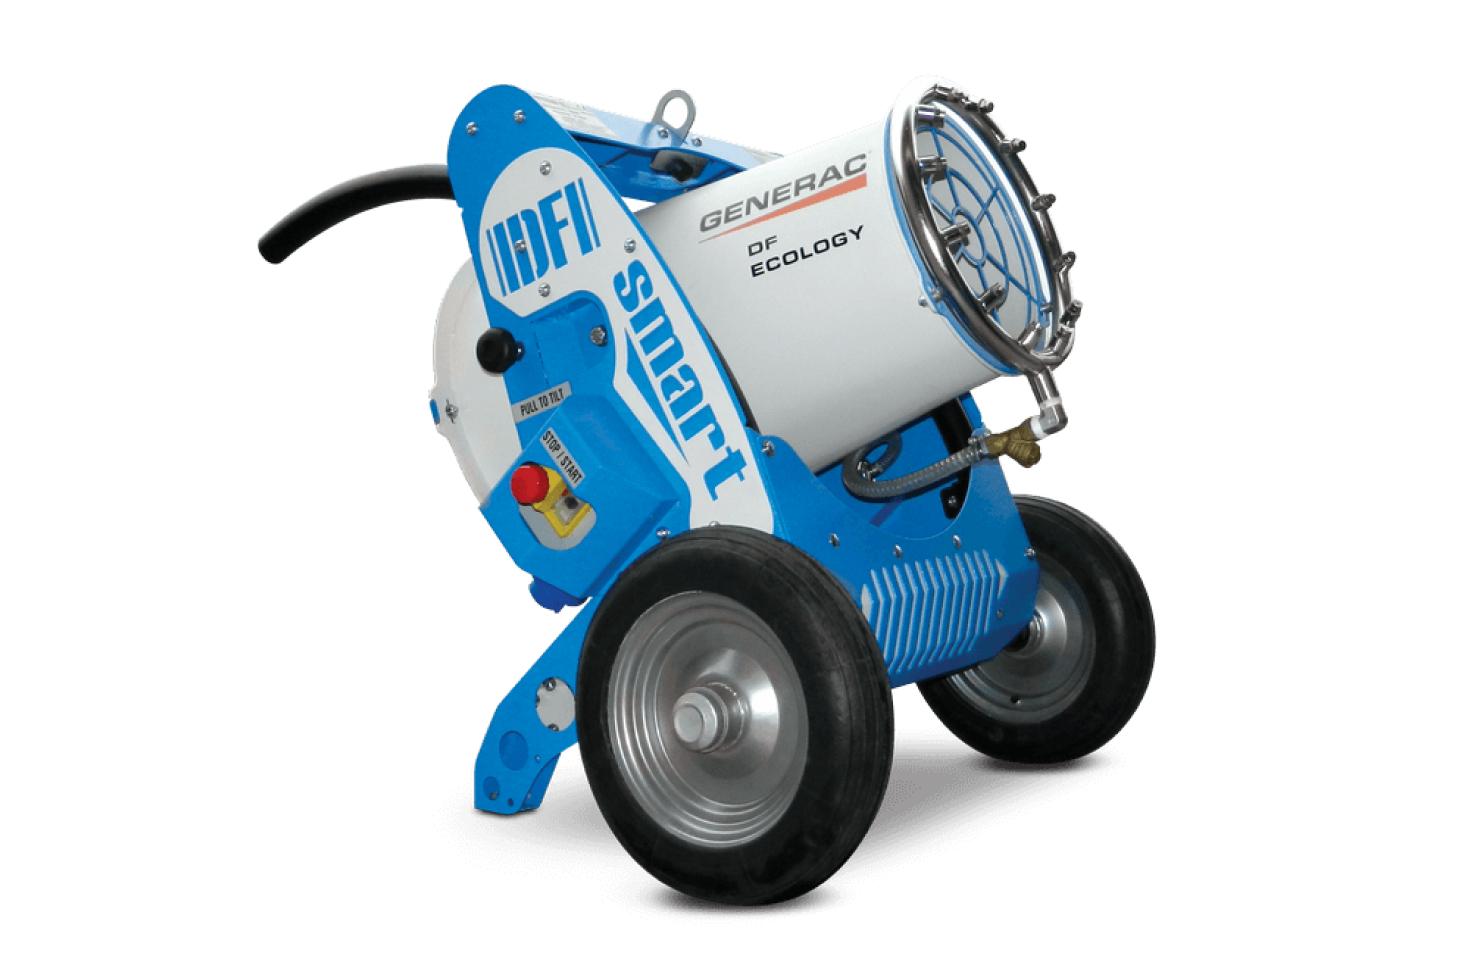 DF Smart Generac Mobile Портативная установка подавления пыли